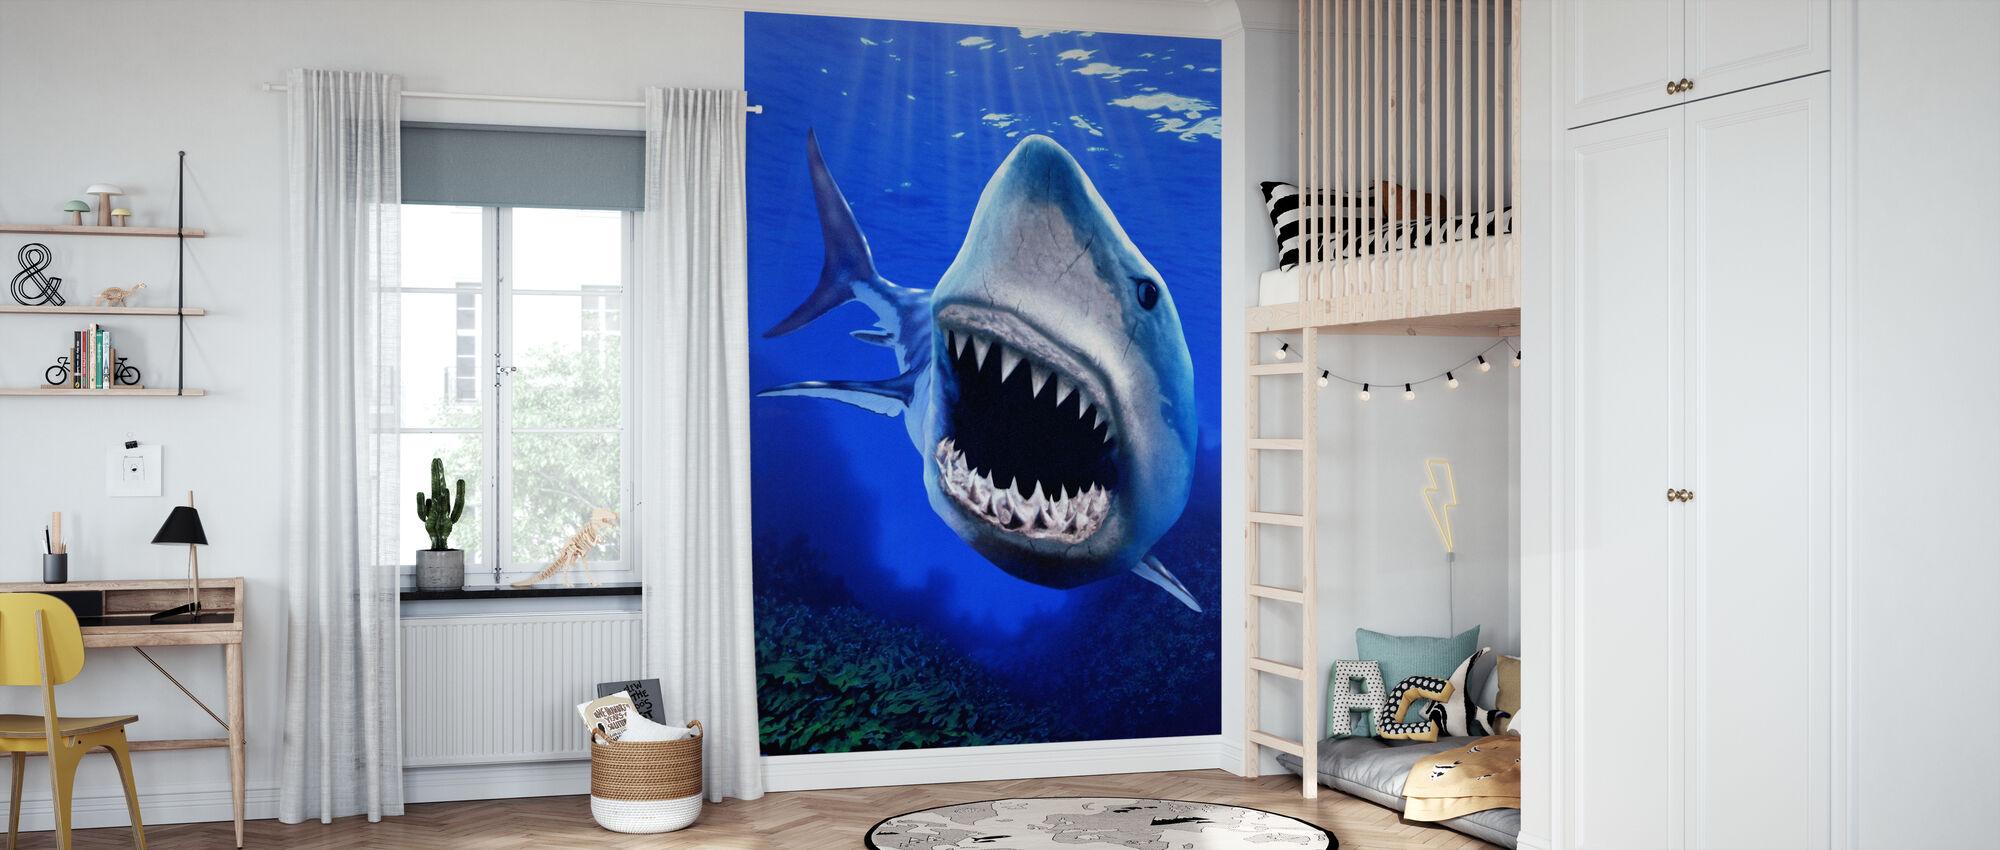 Shark Attack - Wallpaper - Kids Room